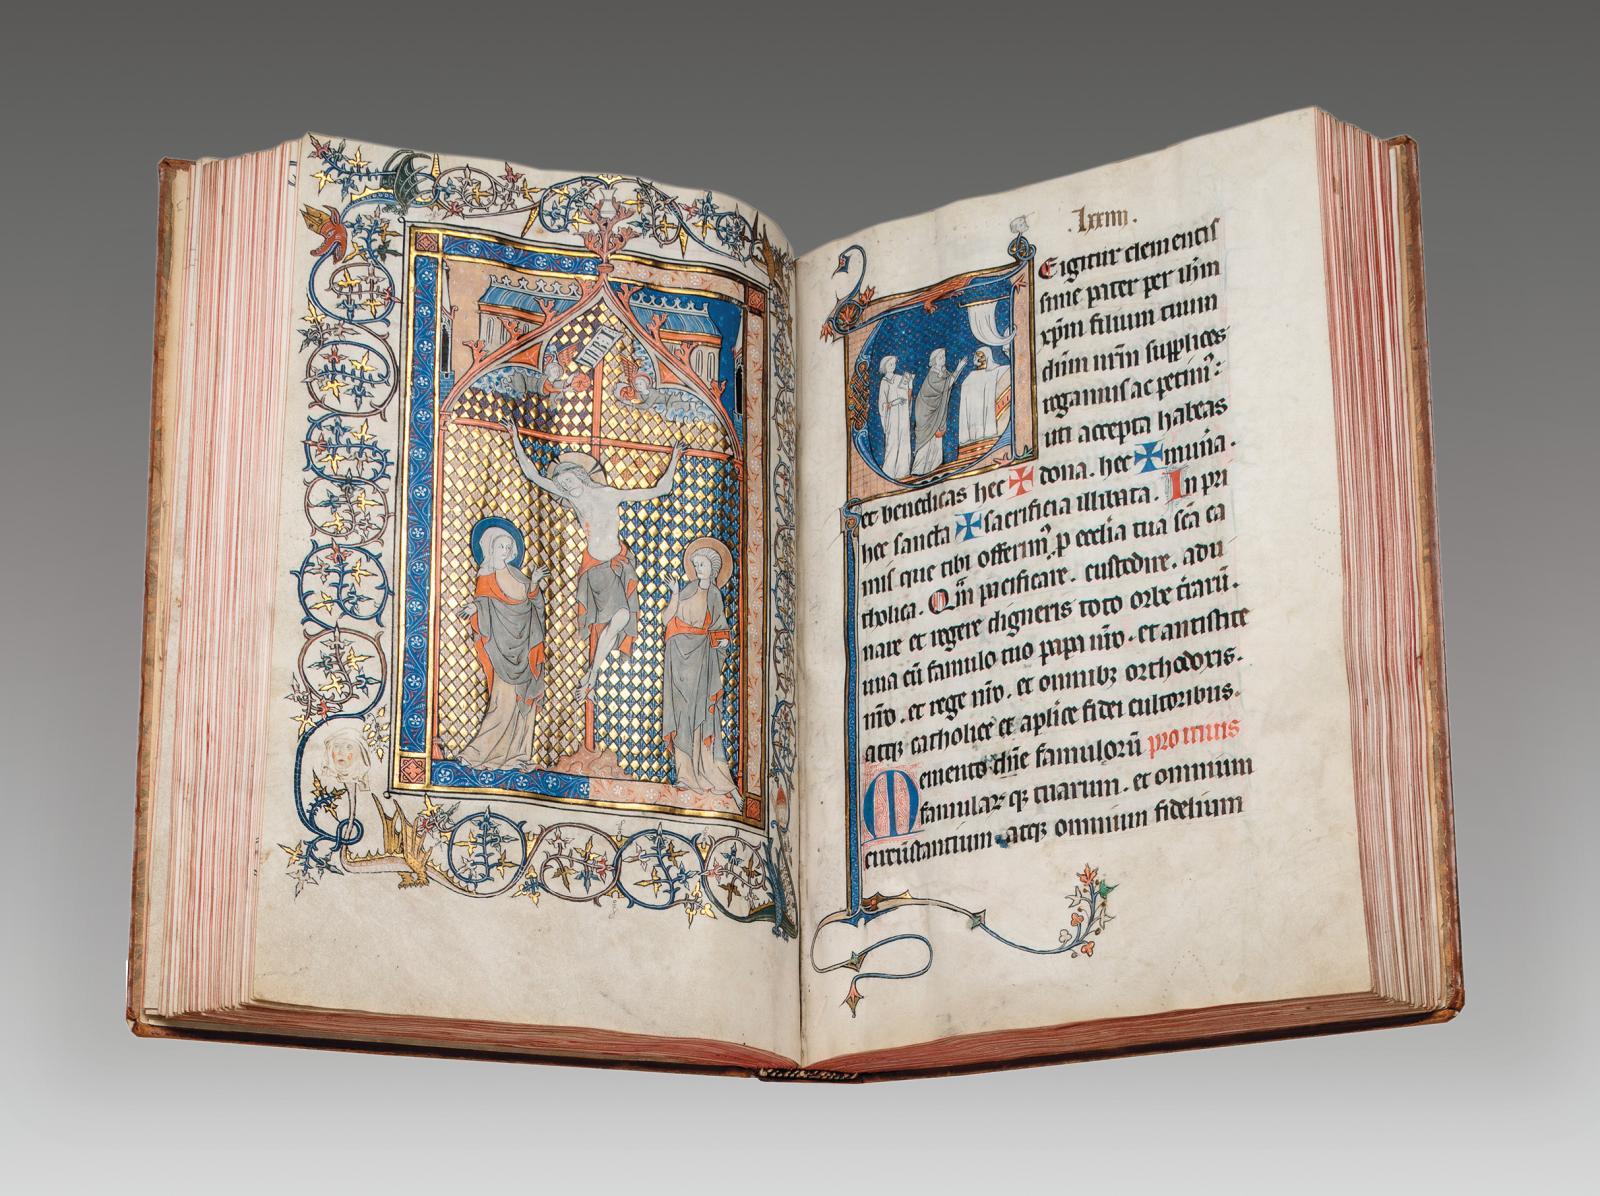 Nord-Est de la France (diocèse de Soissons), vers1250-1275. Missel annoté «The Soissons Missal». Manuscrit enluminé sur parchemin, en latin, 1miniat